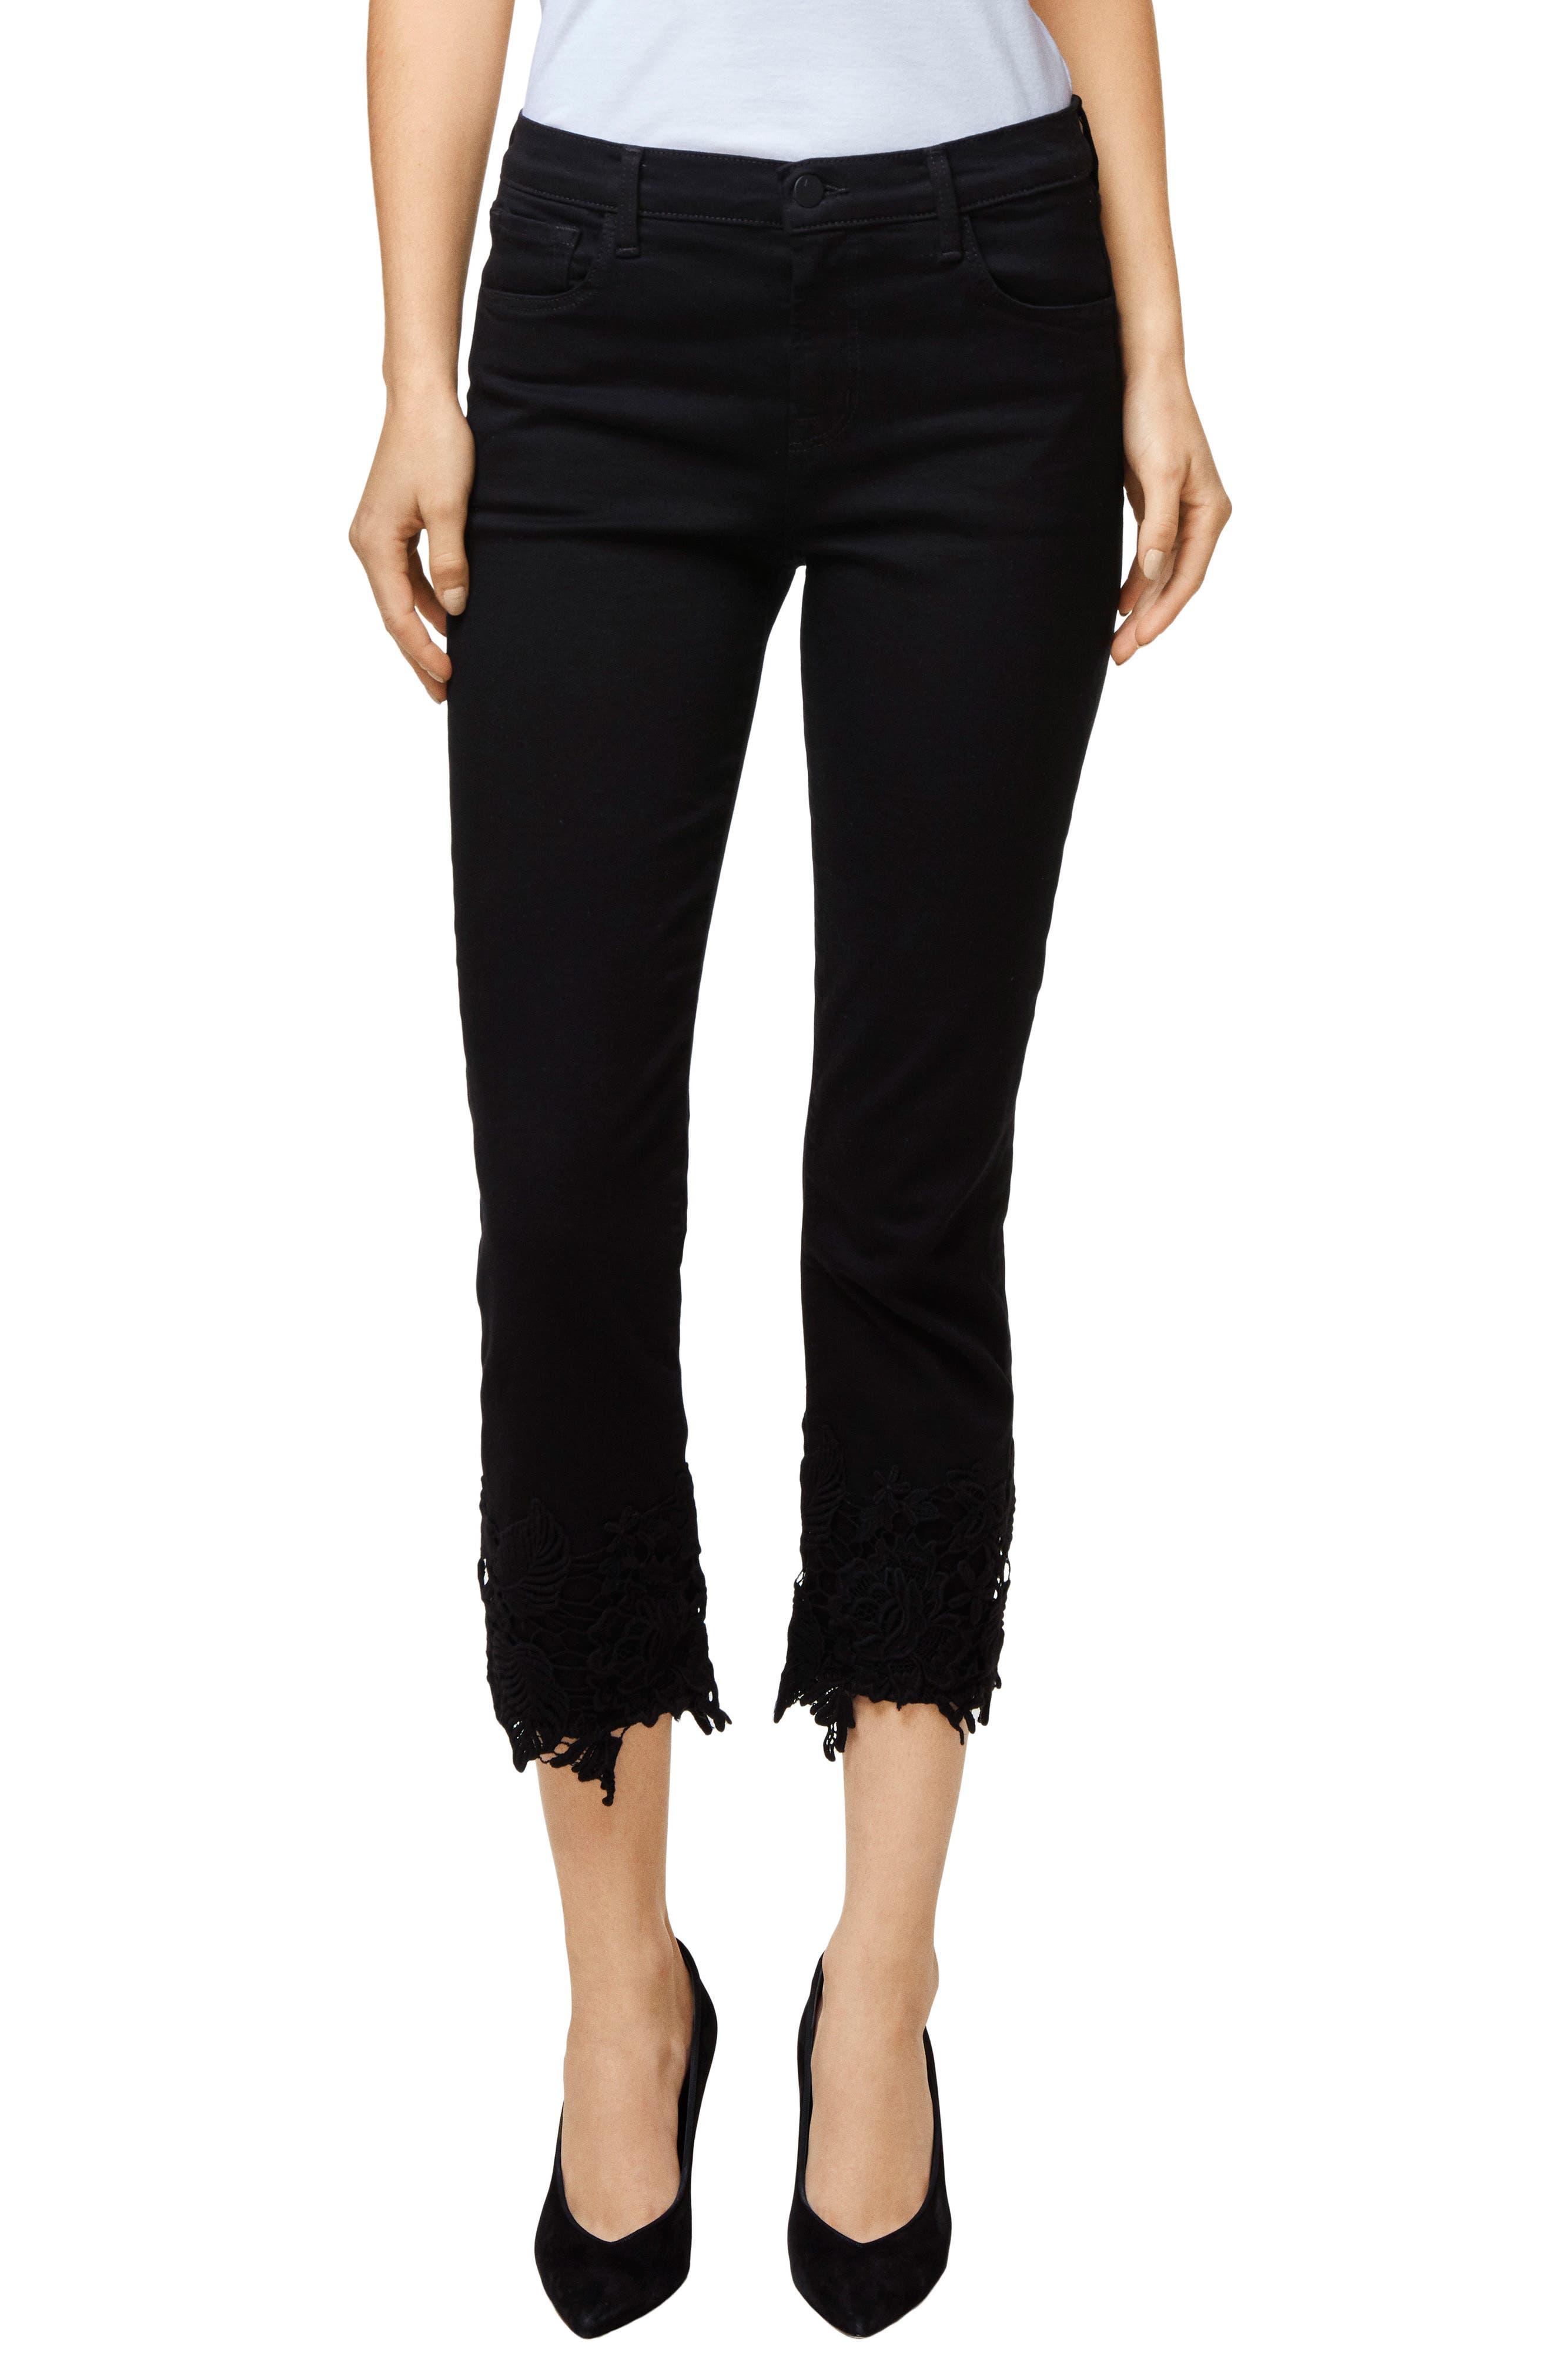 Ruby High Waist Crop Cigarette Jeans,                             Main thumbnail 1, color,                             Black Lace